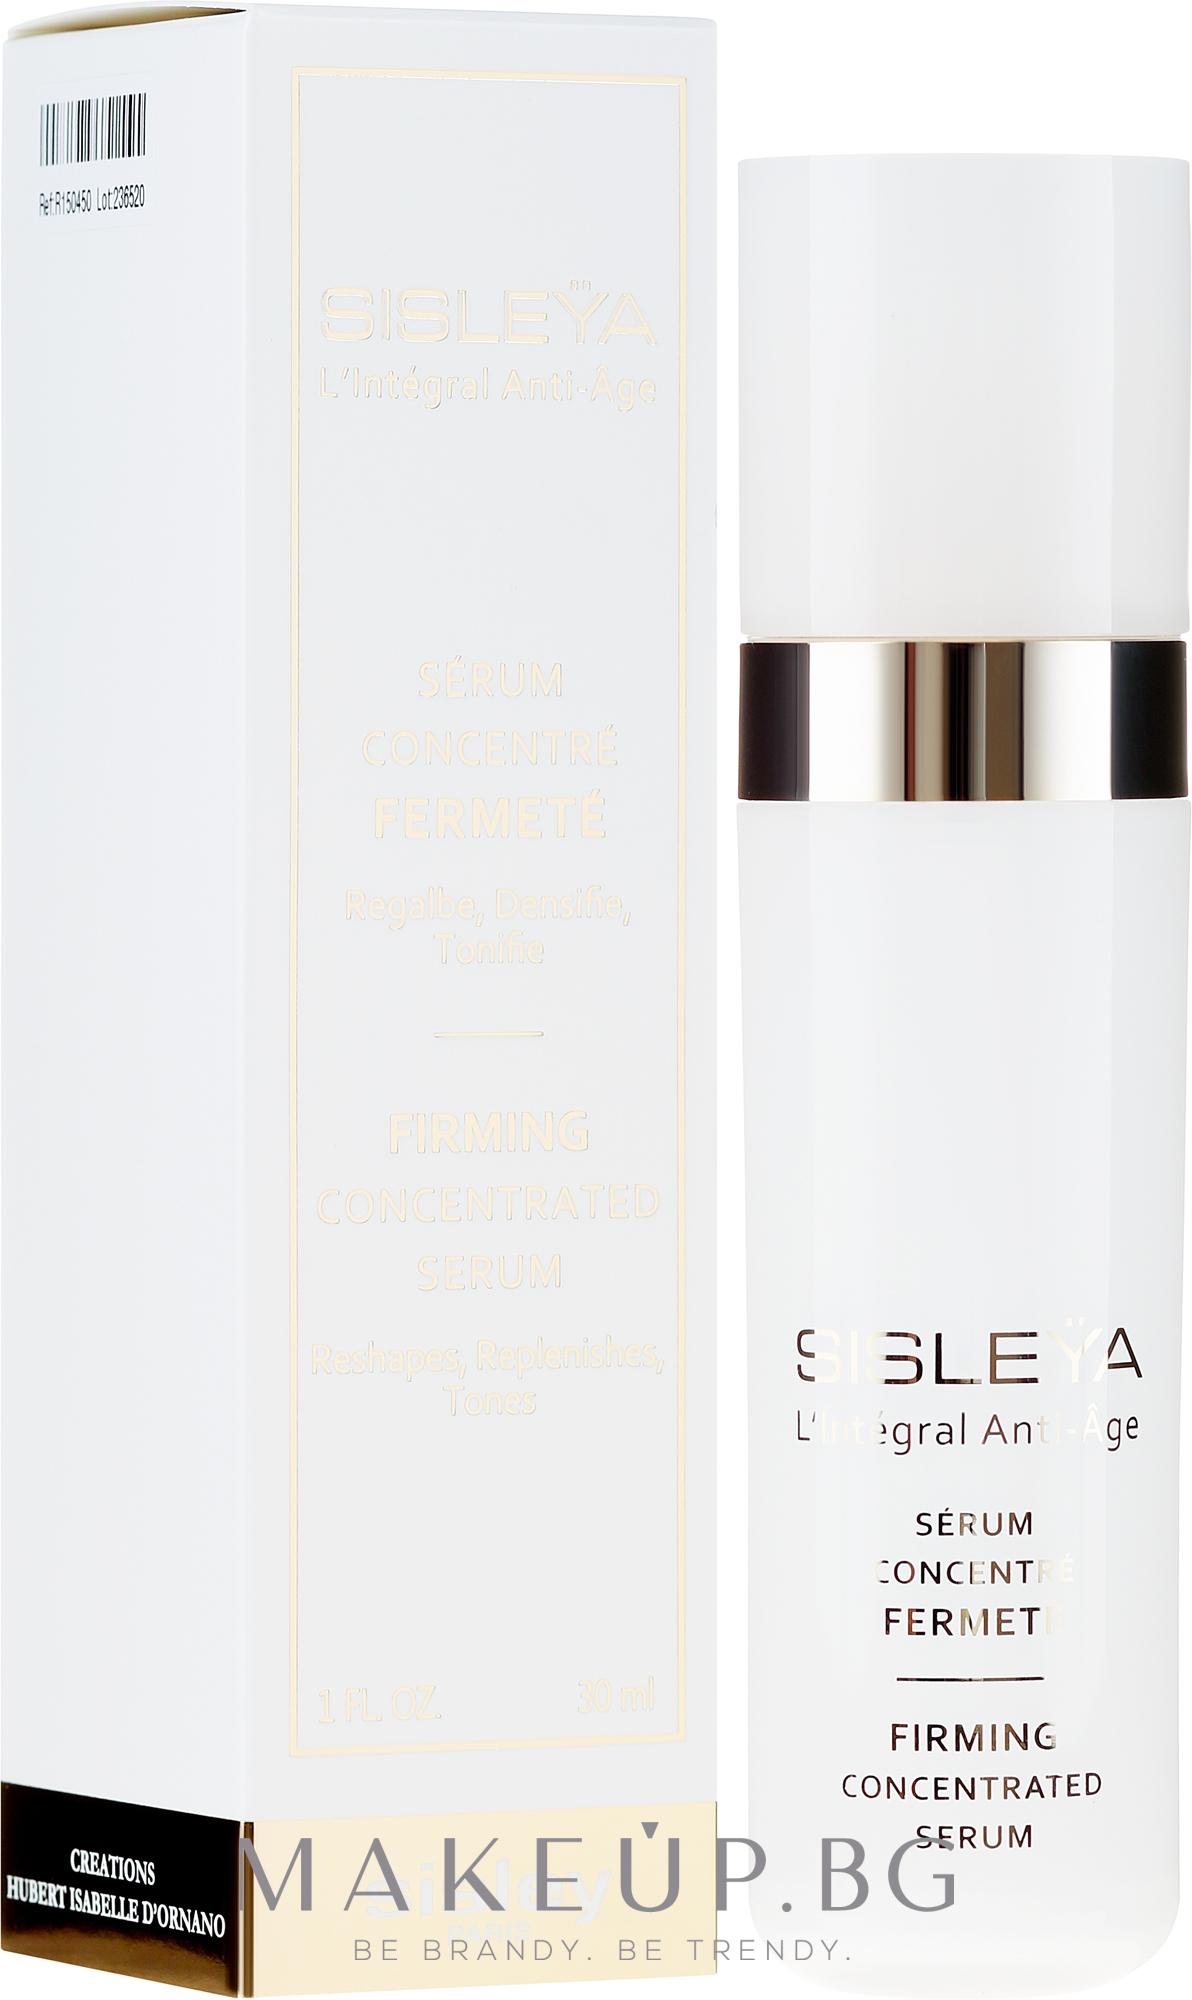 Концентриран серум за еластична кожа - Sisley L'Integral Anti-Age Firming Concentrated Serum — снимка 30 ml